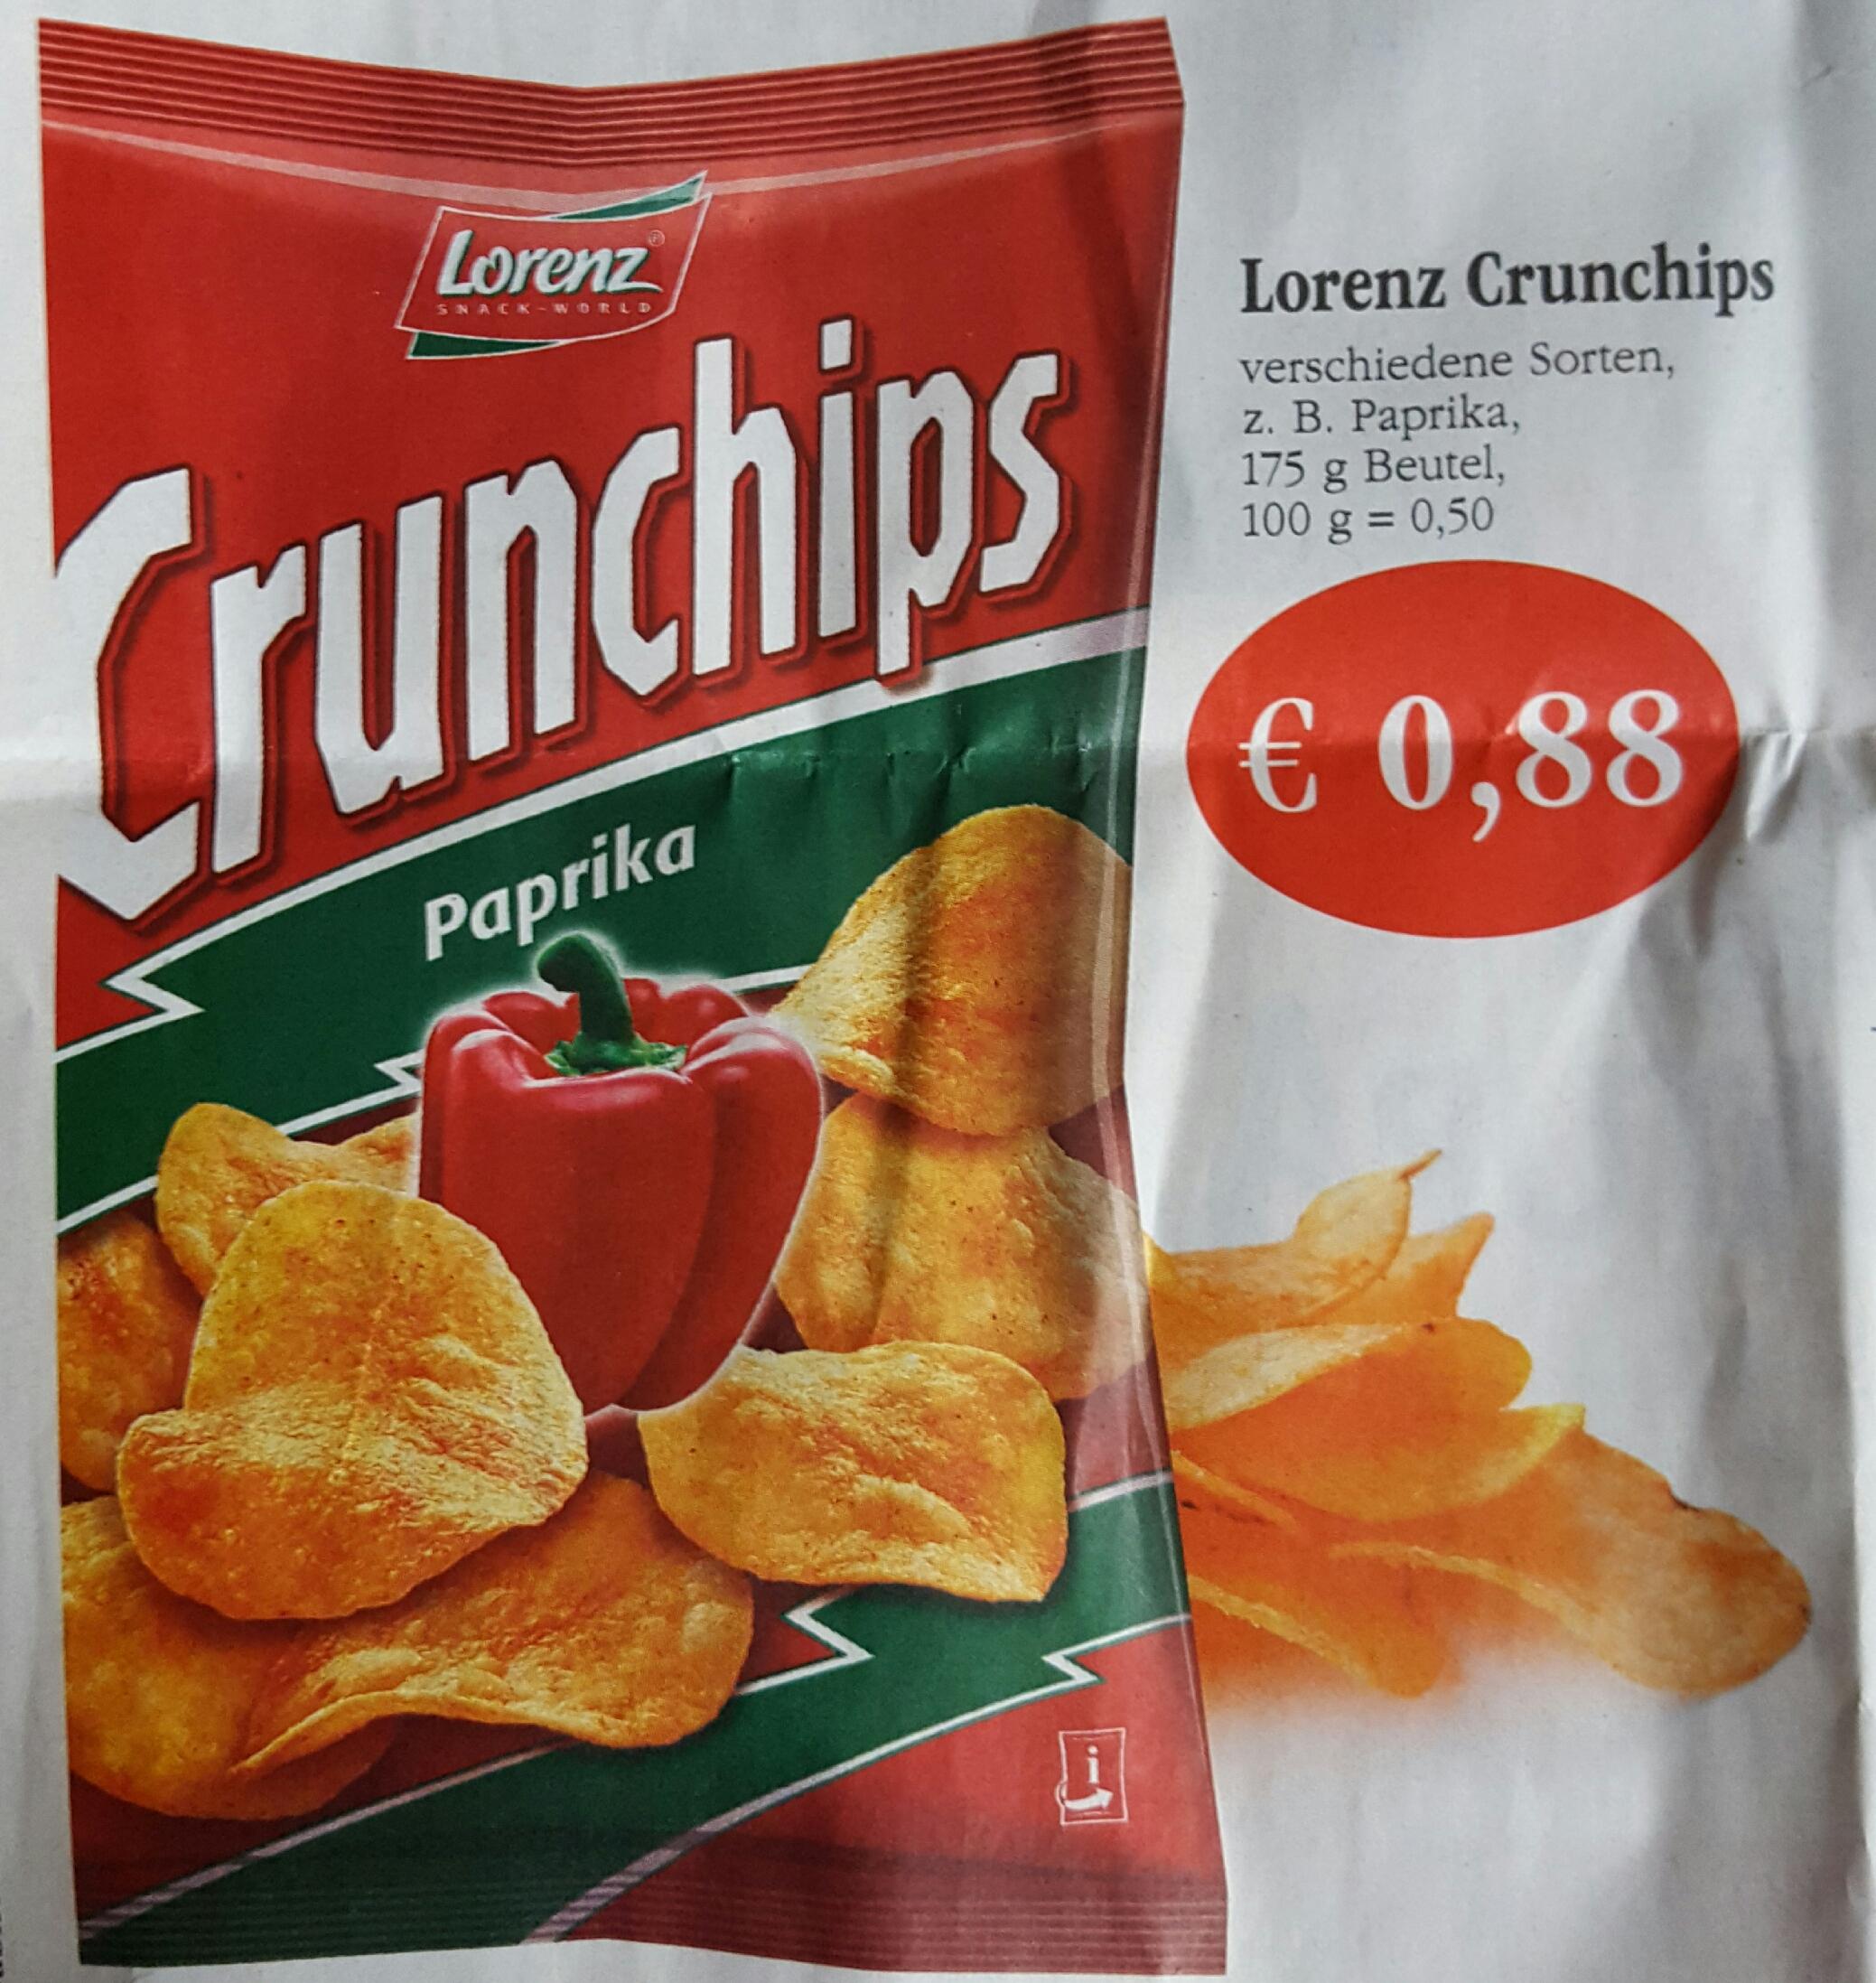 Lorenz Crunchips für nur 0,88€ bei Sky (Coop)